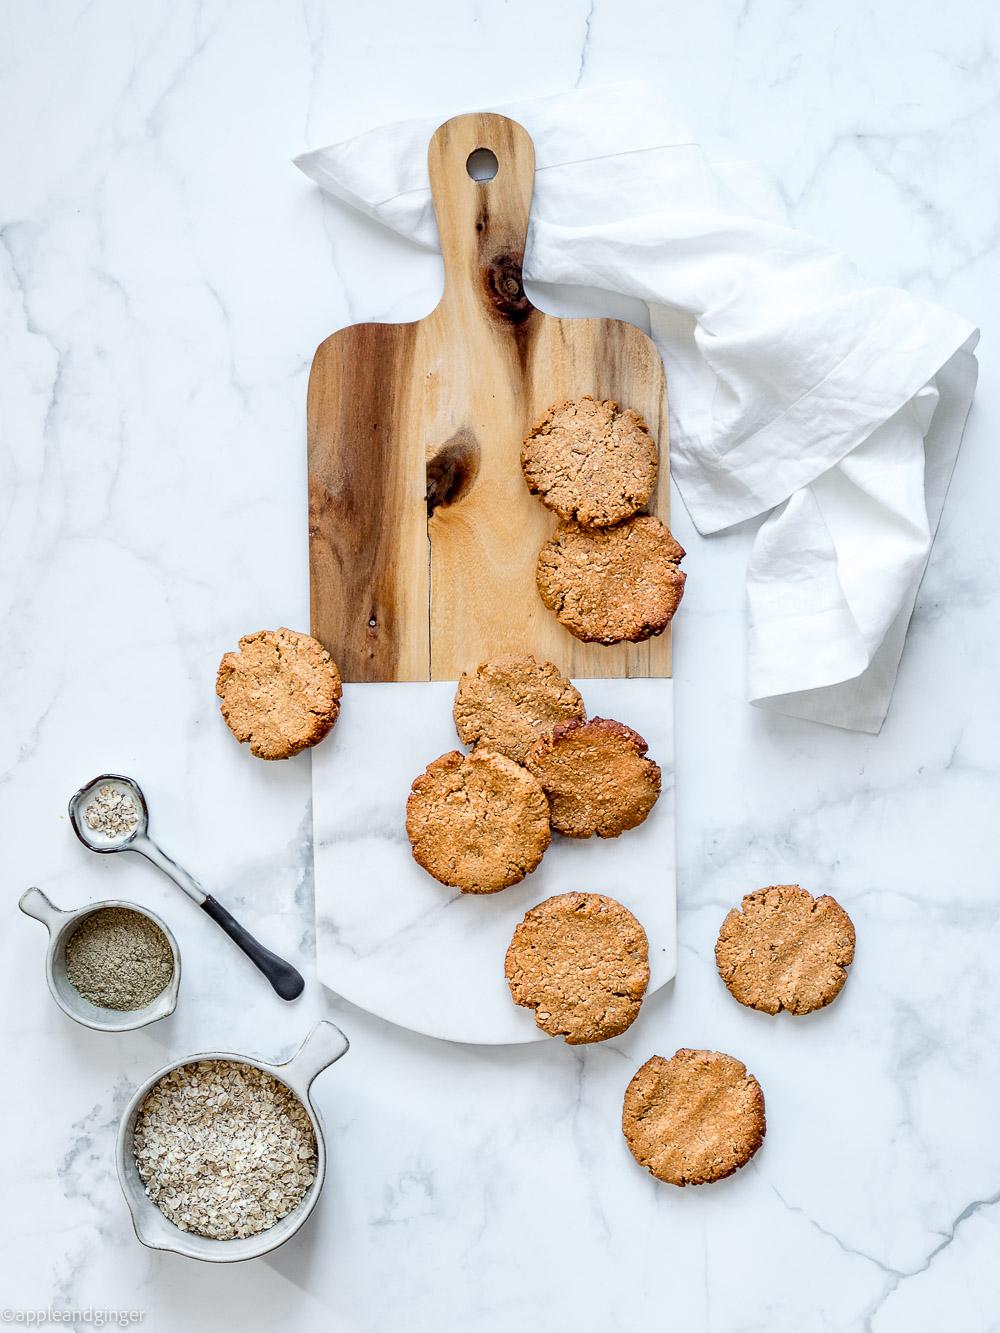 Kekse auf einem Holzbrett